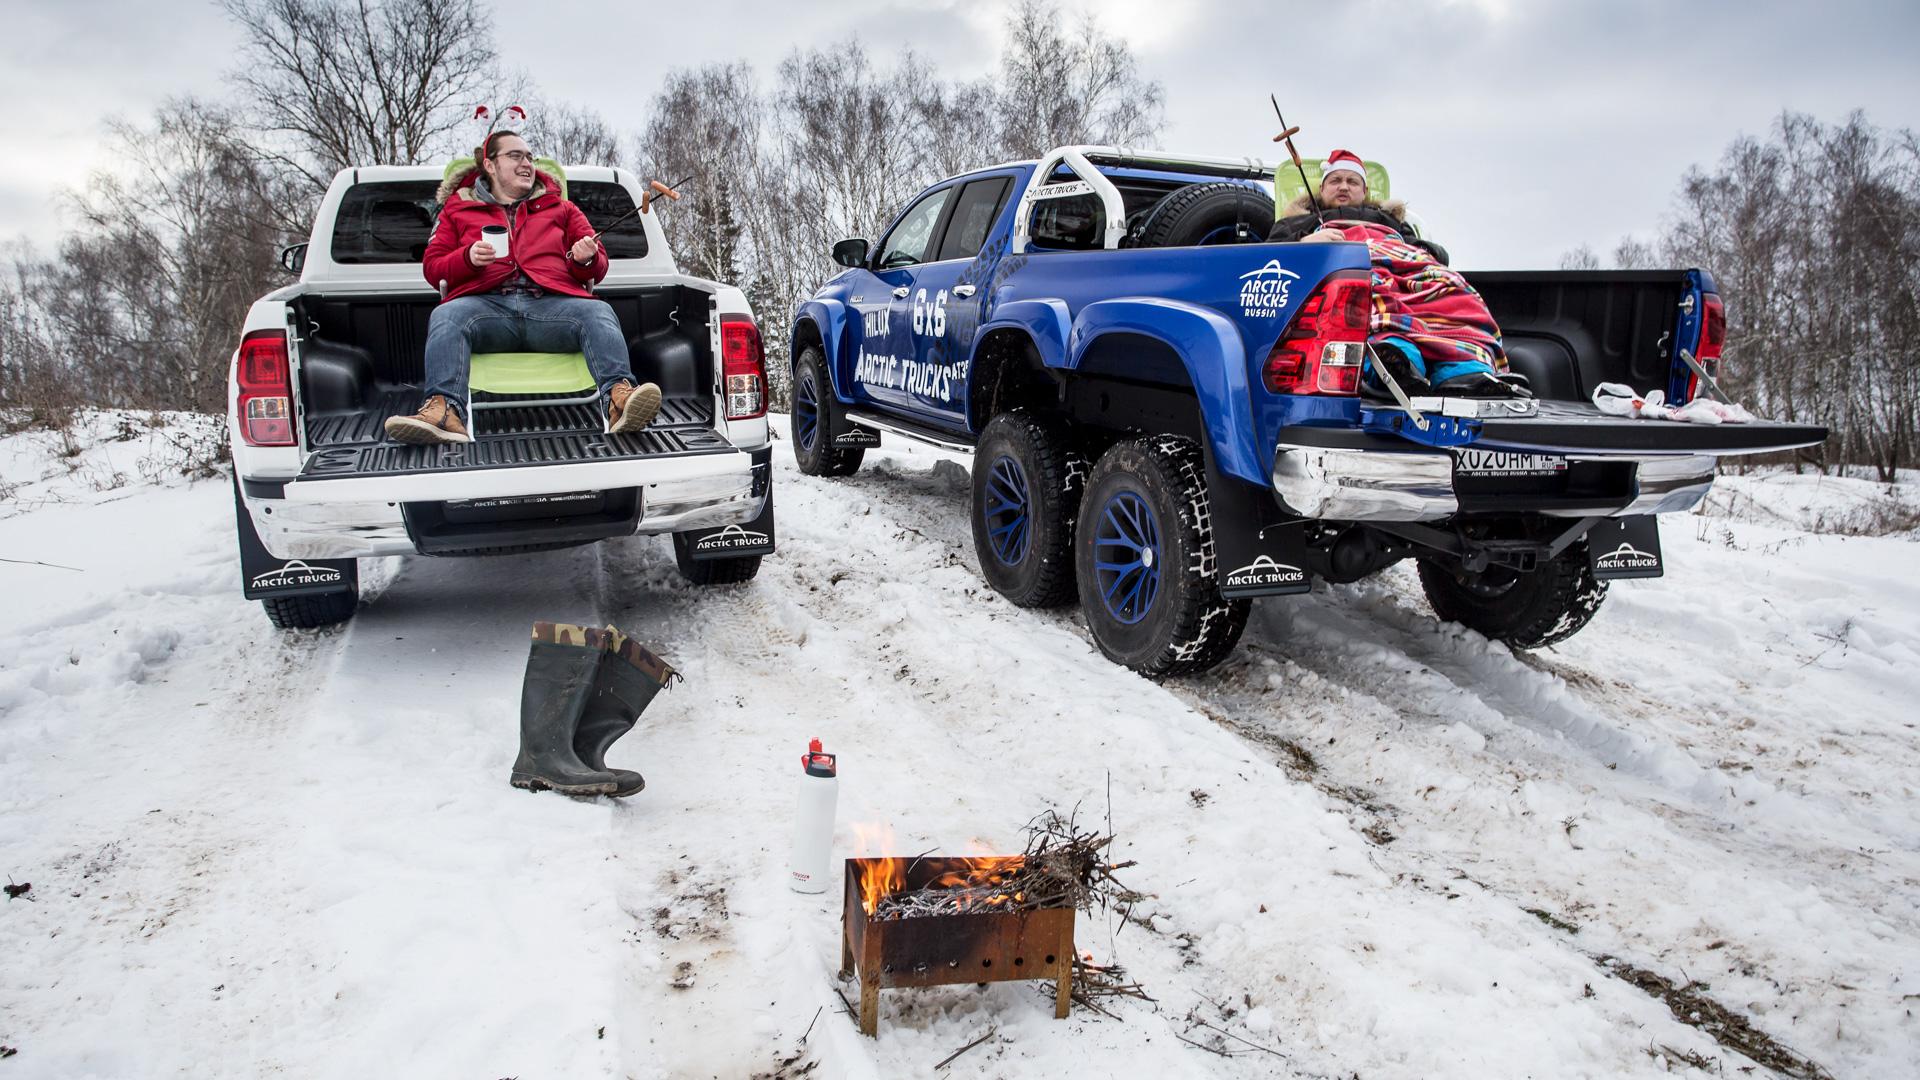 Испытываем «арктические» пикапы Toyota Hilux, укоторых 10 колес надвоих. Фото 5